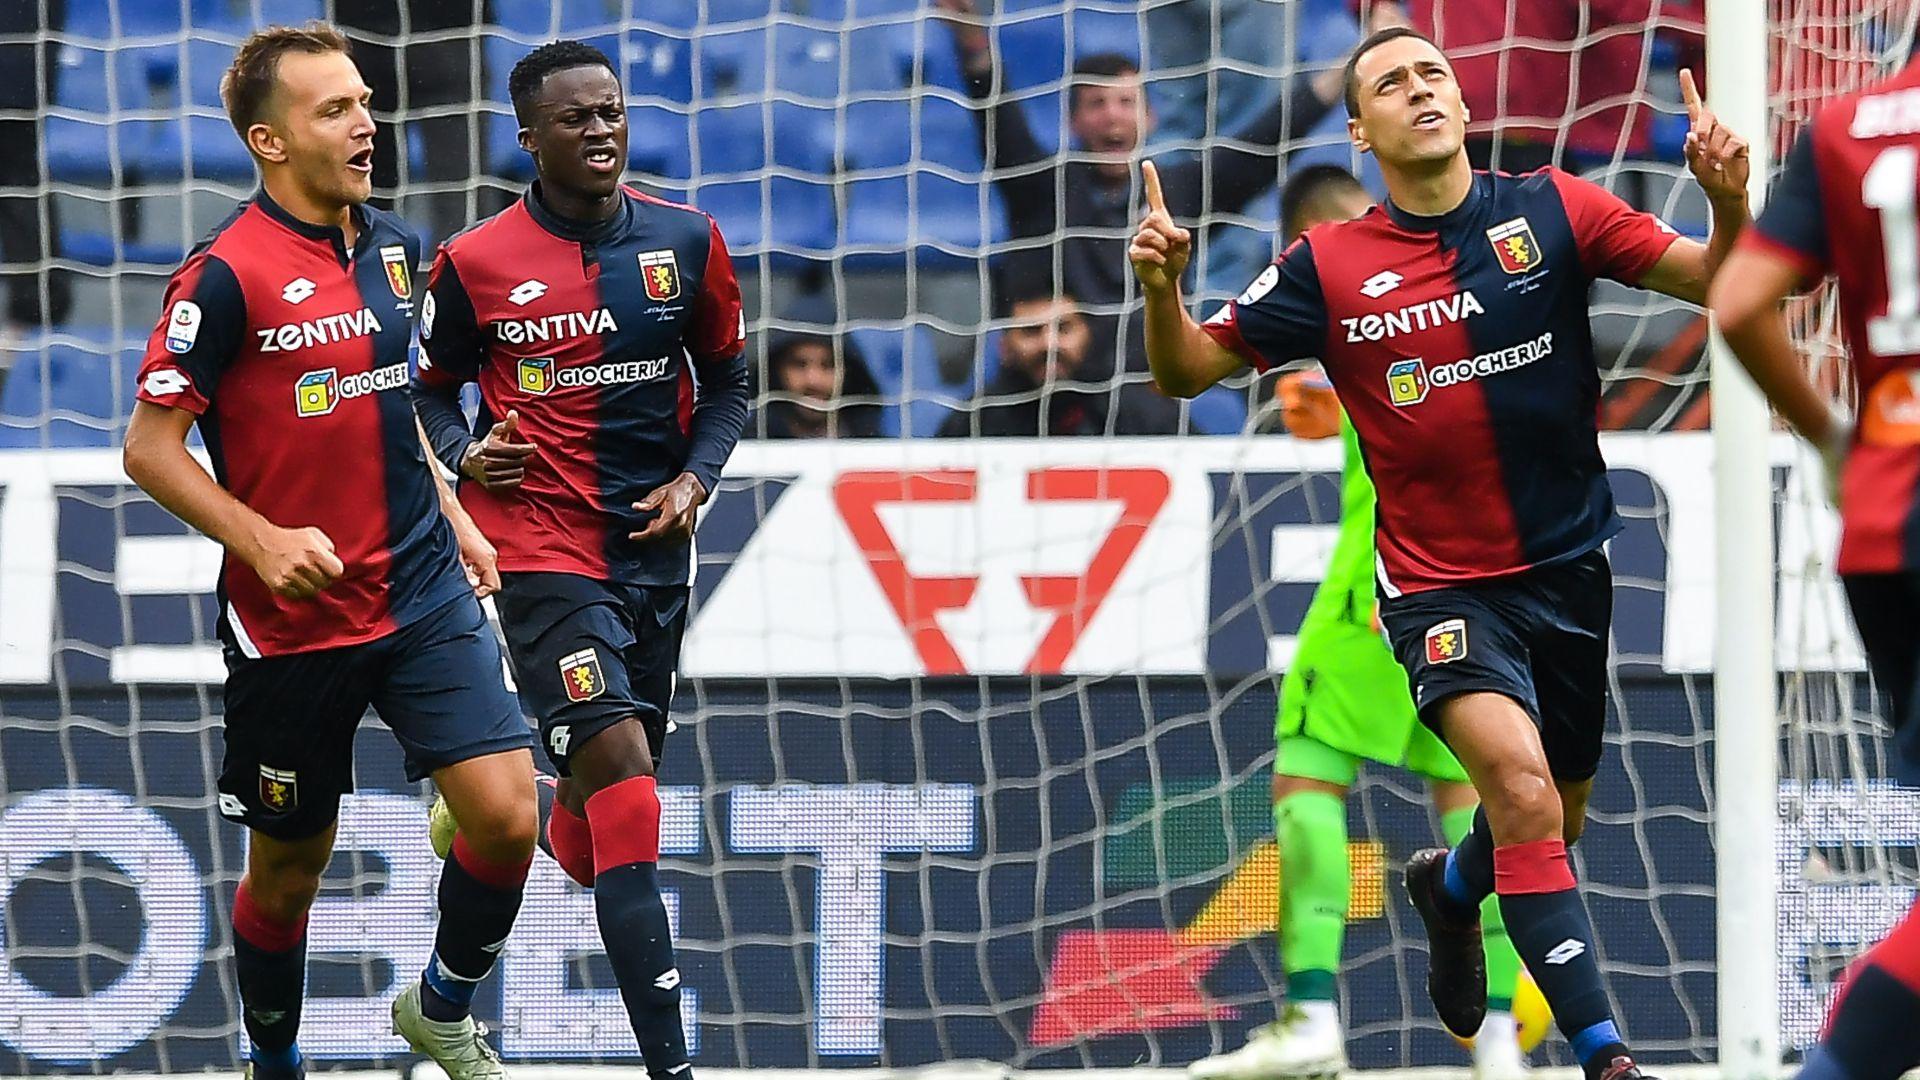 Romulo - Genoa Udinese